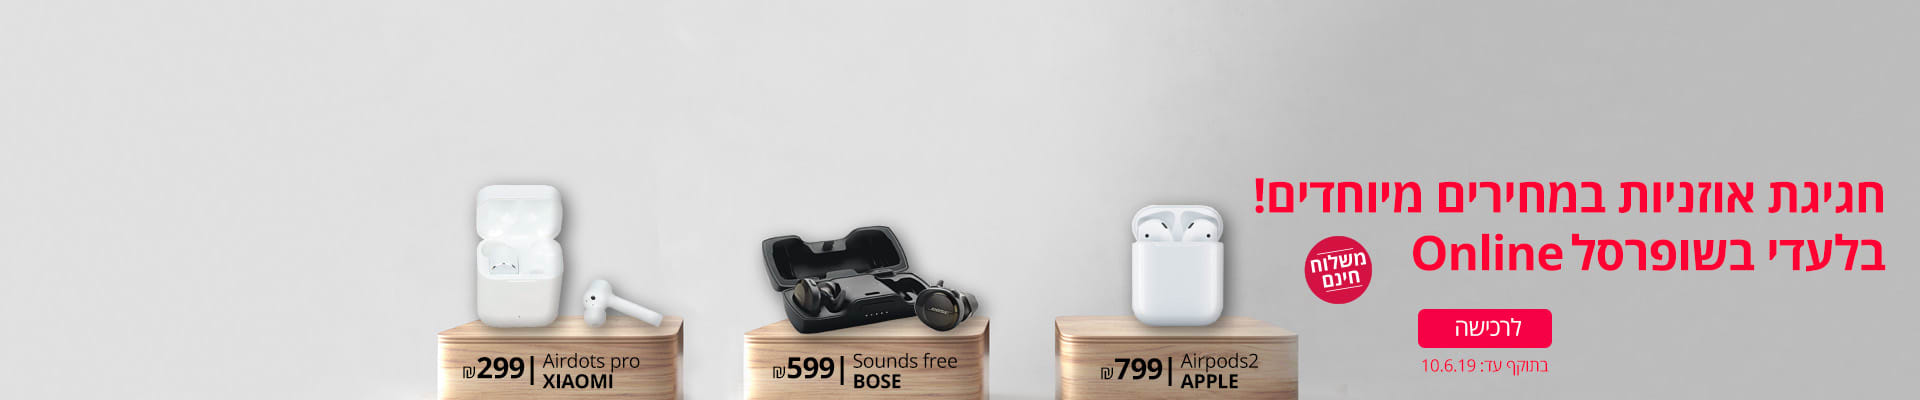 earphones-wood.jpg